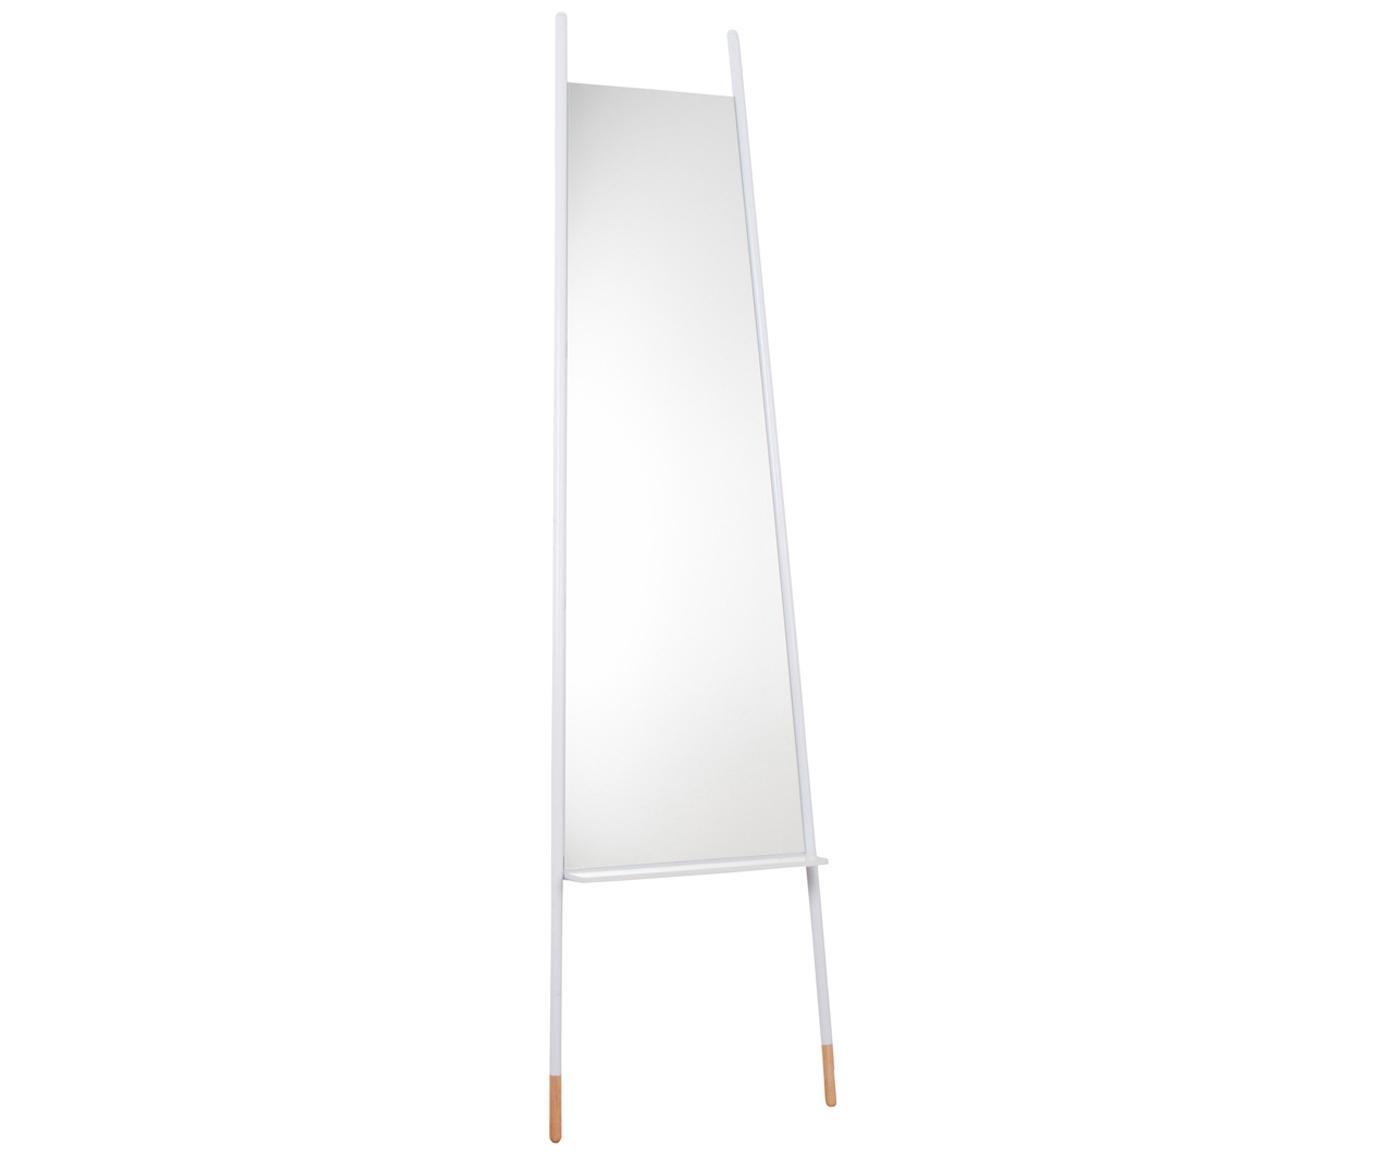 Specchio da terra con ripiano Leaning, Cornice: metallo, piedi in legno, Superficie dello specchio: lastra di vetro, Bianco, lastra di vetro, Alt. 171 x Larg. 48 cm